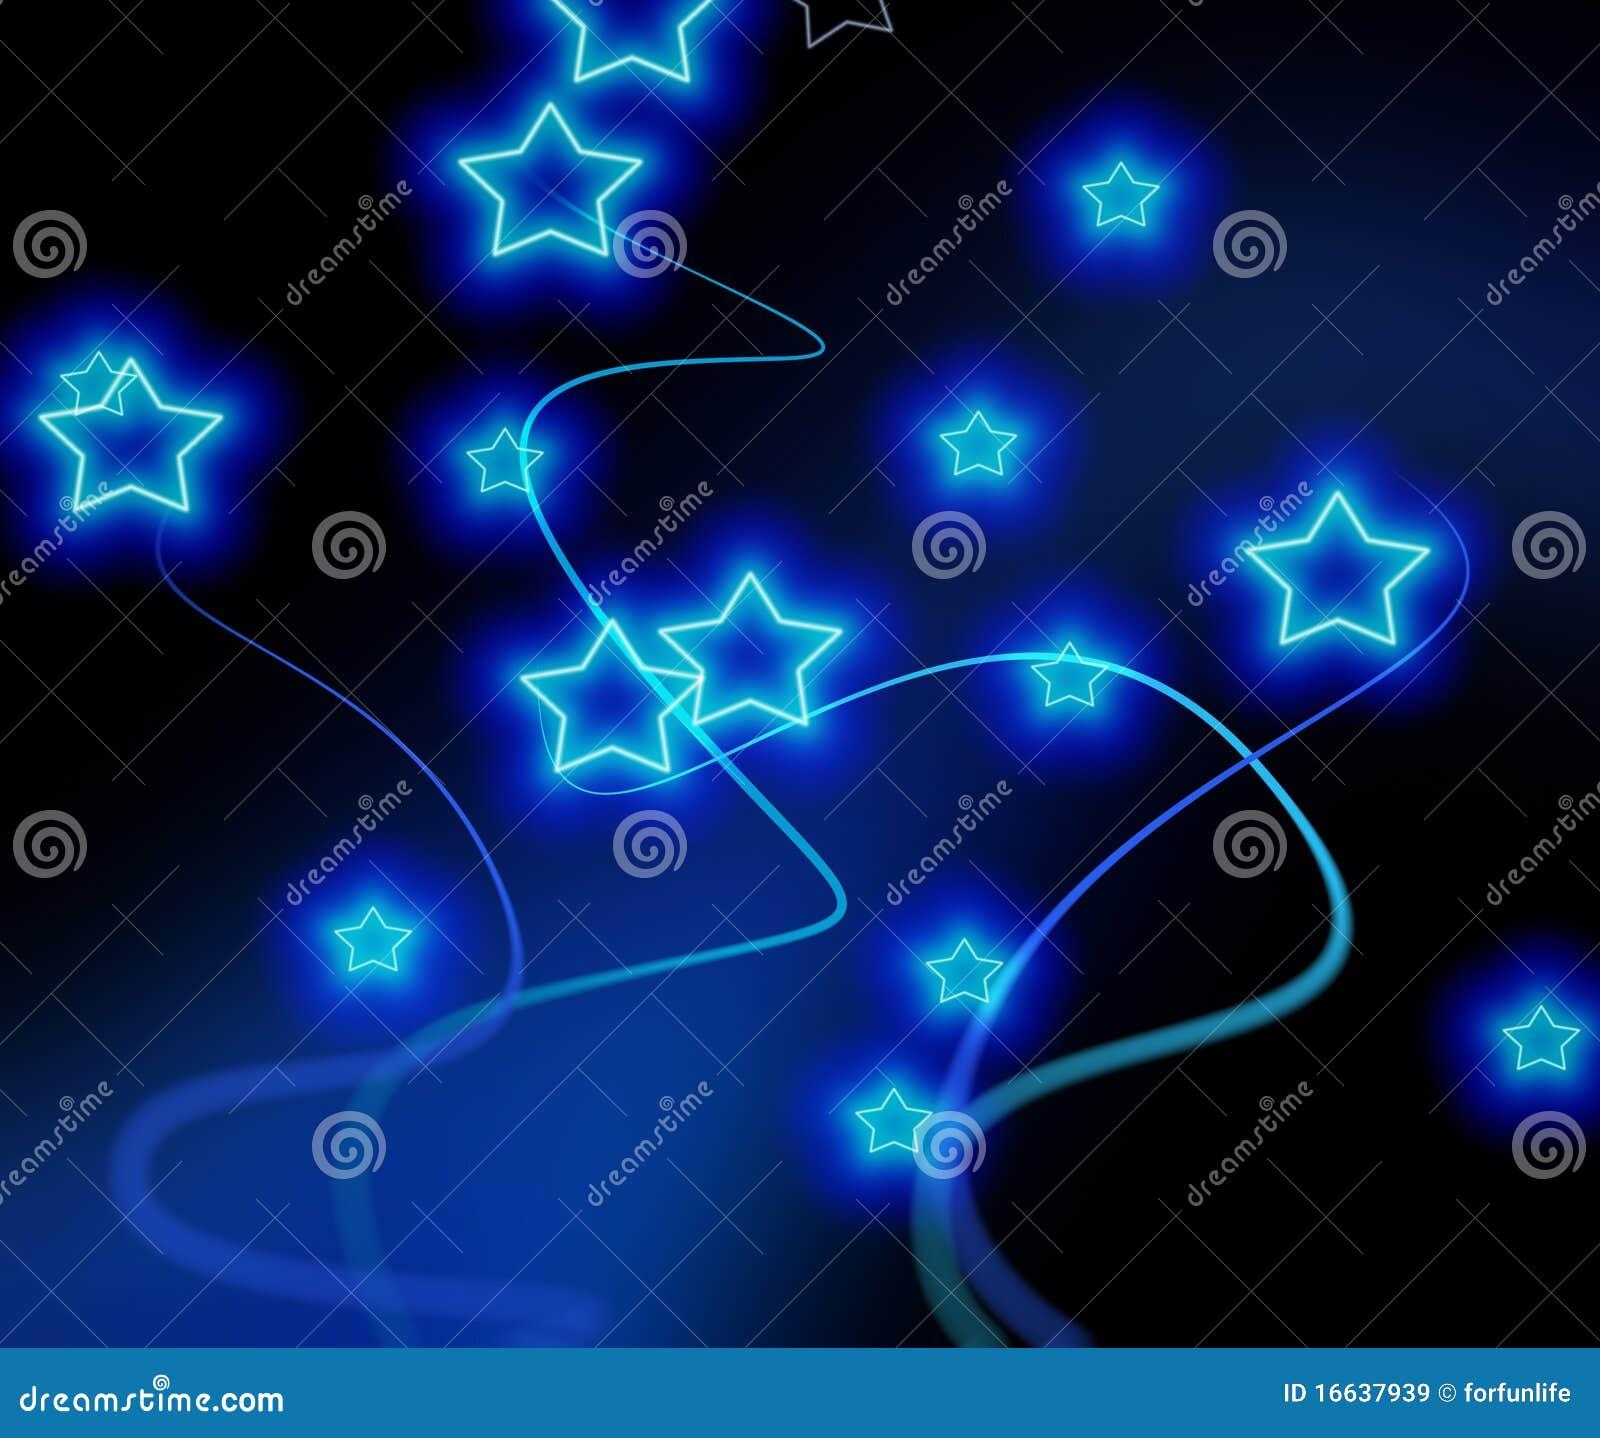 Fondo De Las Estrellas Azules Imágenes de archivo libres